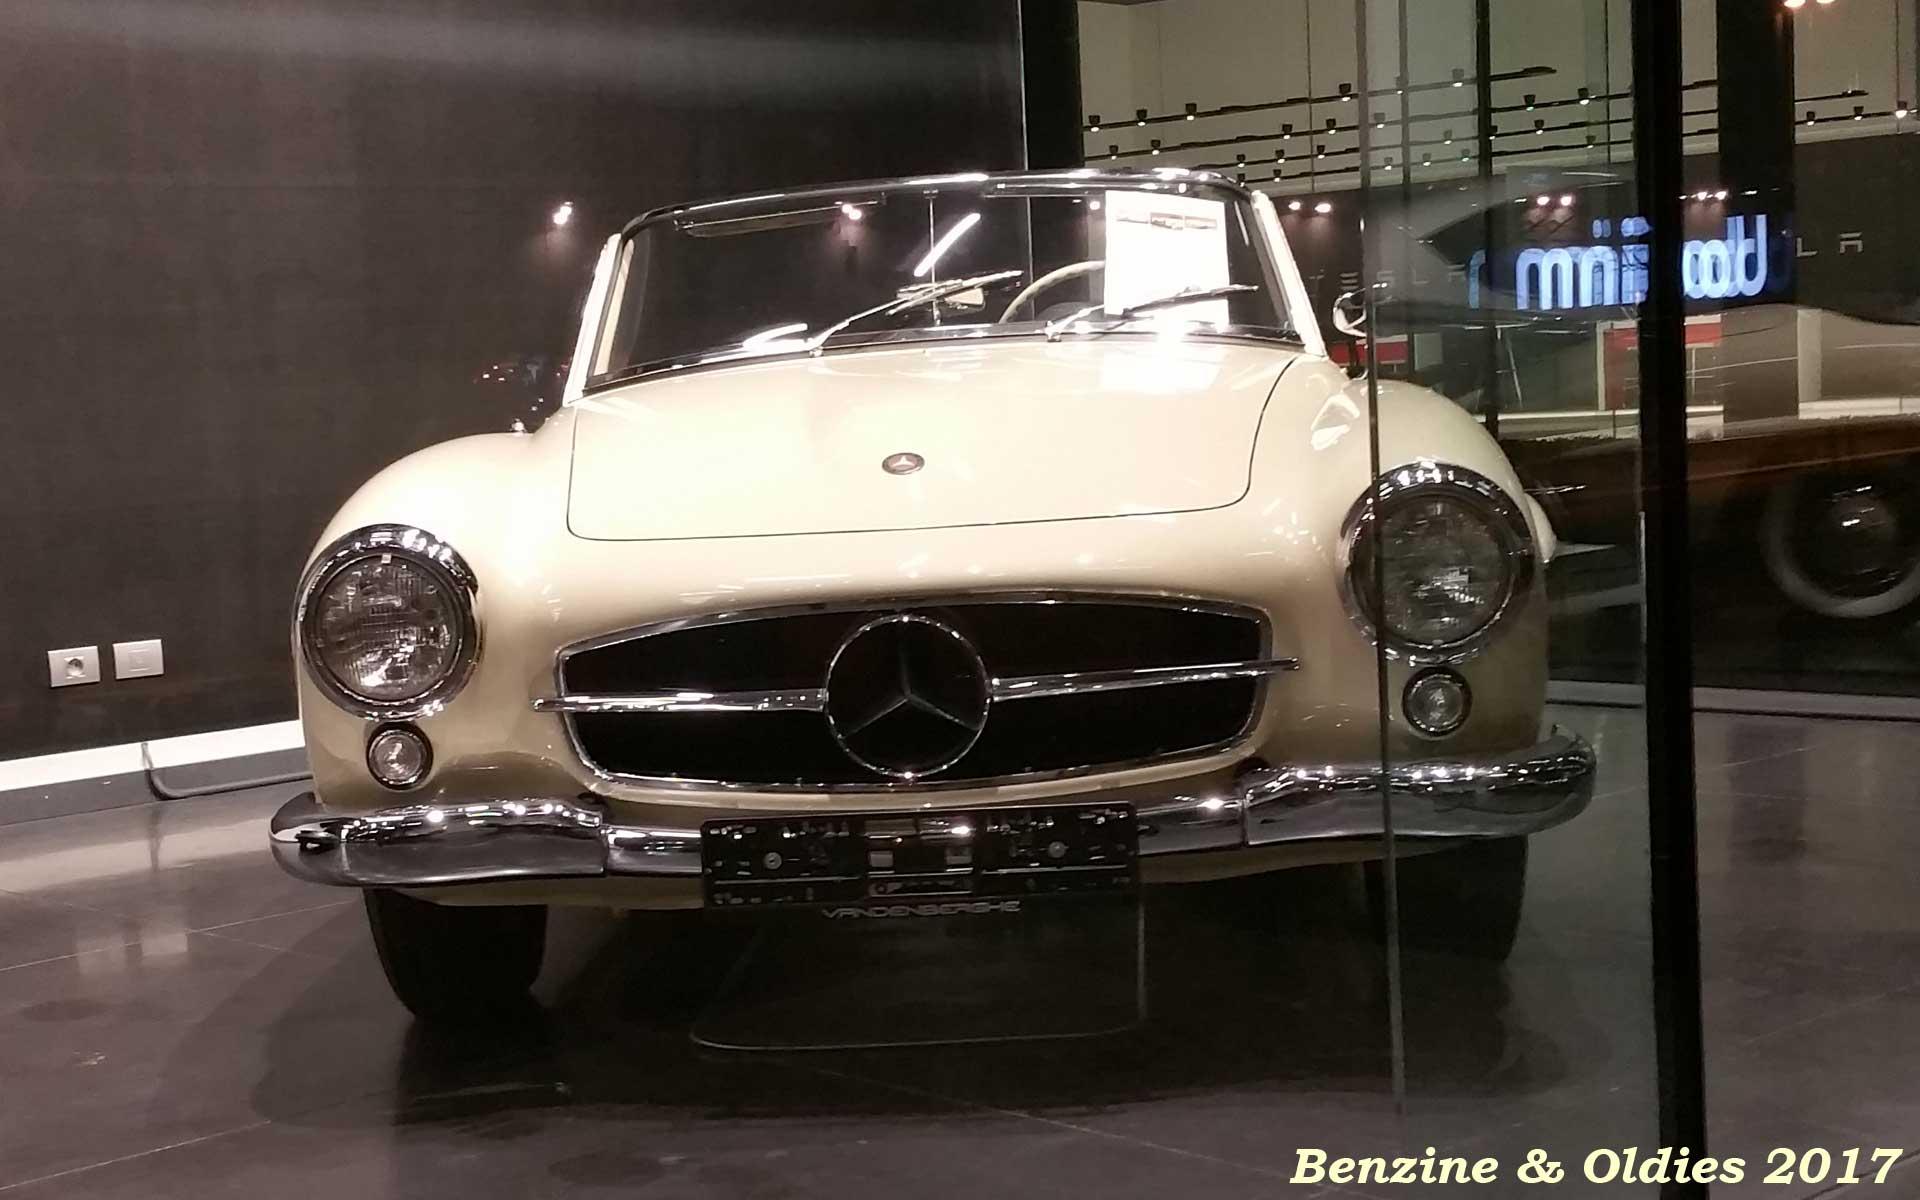 Une Mercedes-Benz 190 SL - w121 b2 - à vendre chez Vandenberghe à Sint-Martens-Latem (Belgique) Mb_w121b2_190_sl_street_170321_02_w1920